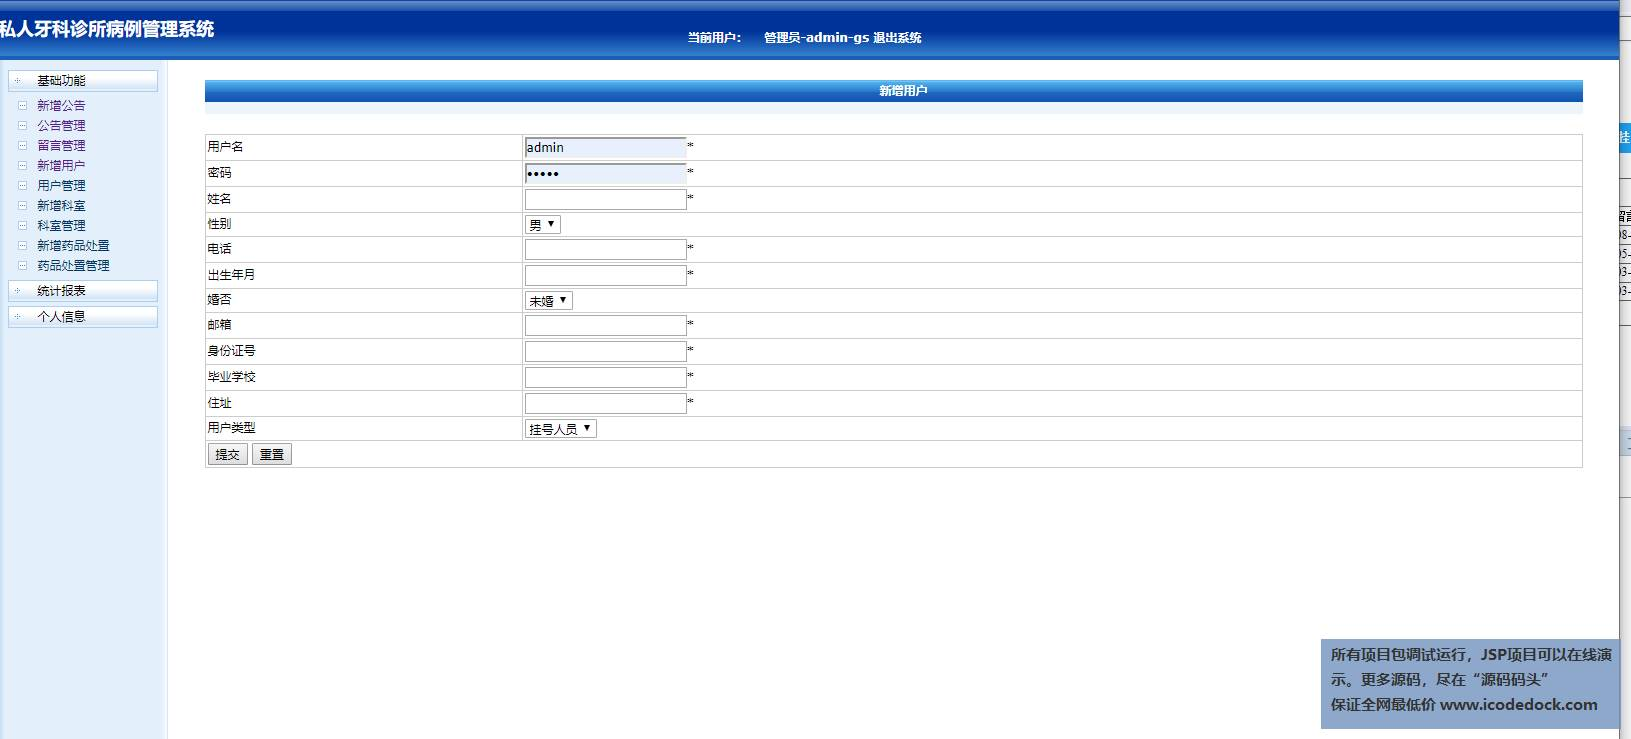 源码码头-JSP私人牙科诊所病历管理系统-管理员角色-增加用户